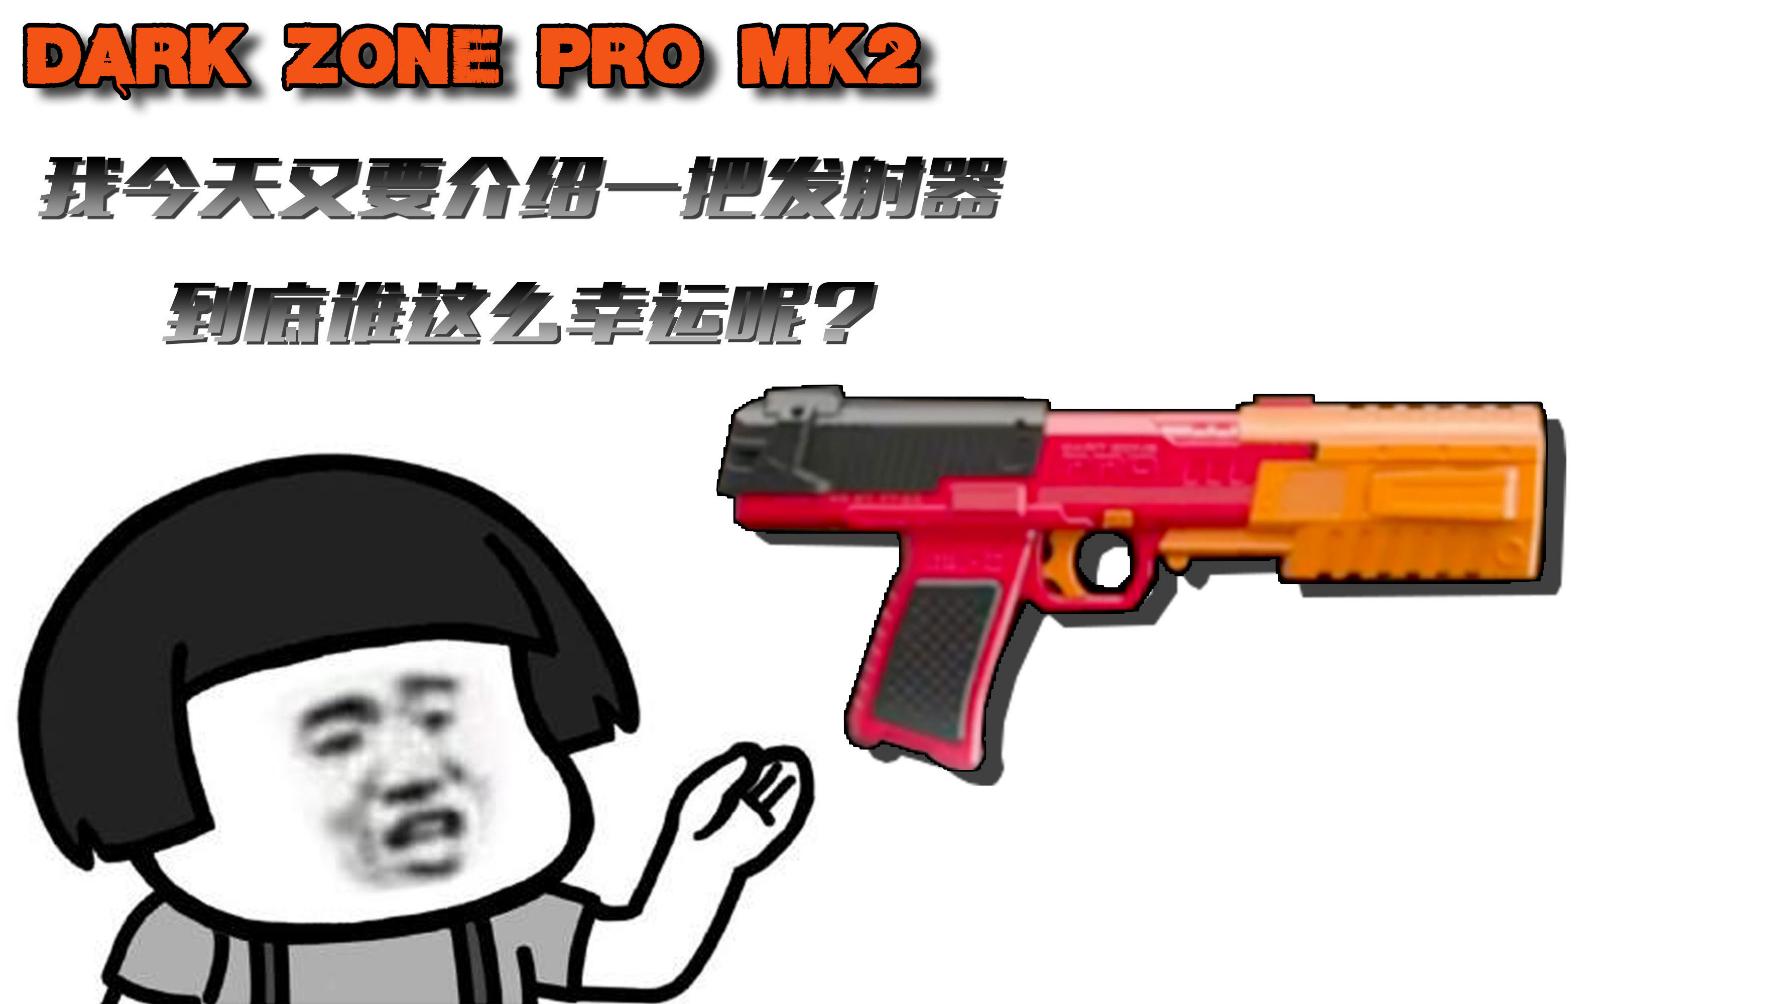 软弹发射器 DART ZONE PRO MK-2 nerf 评测